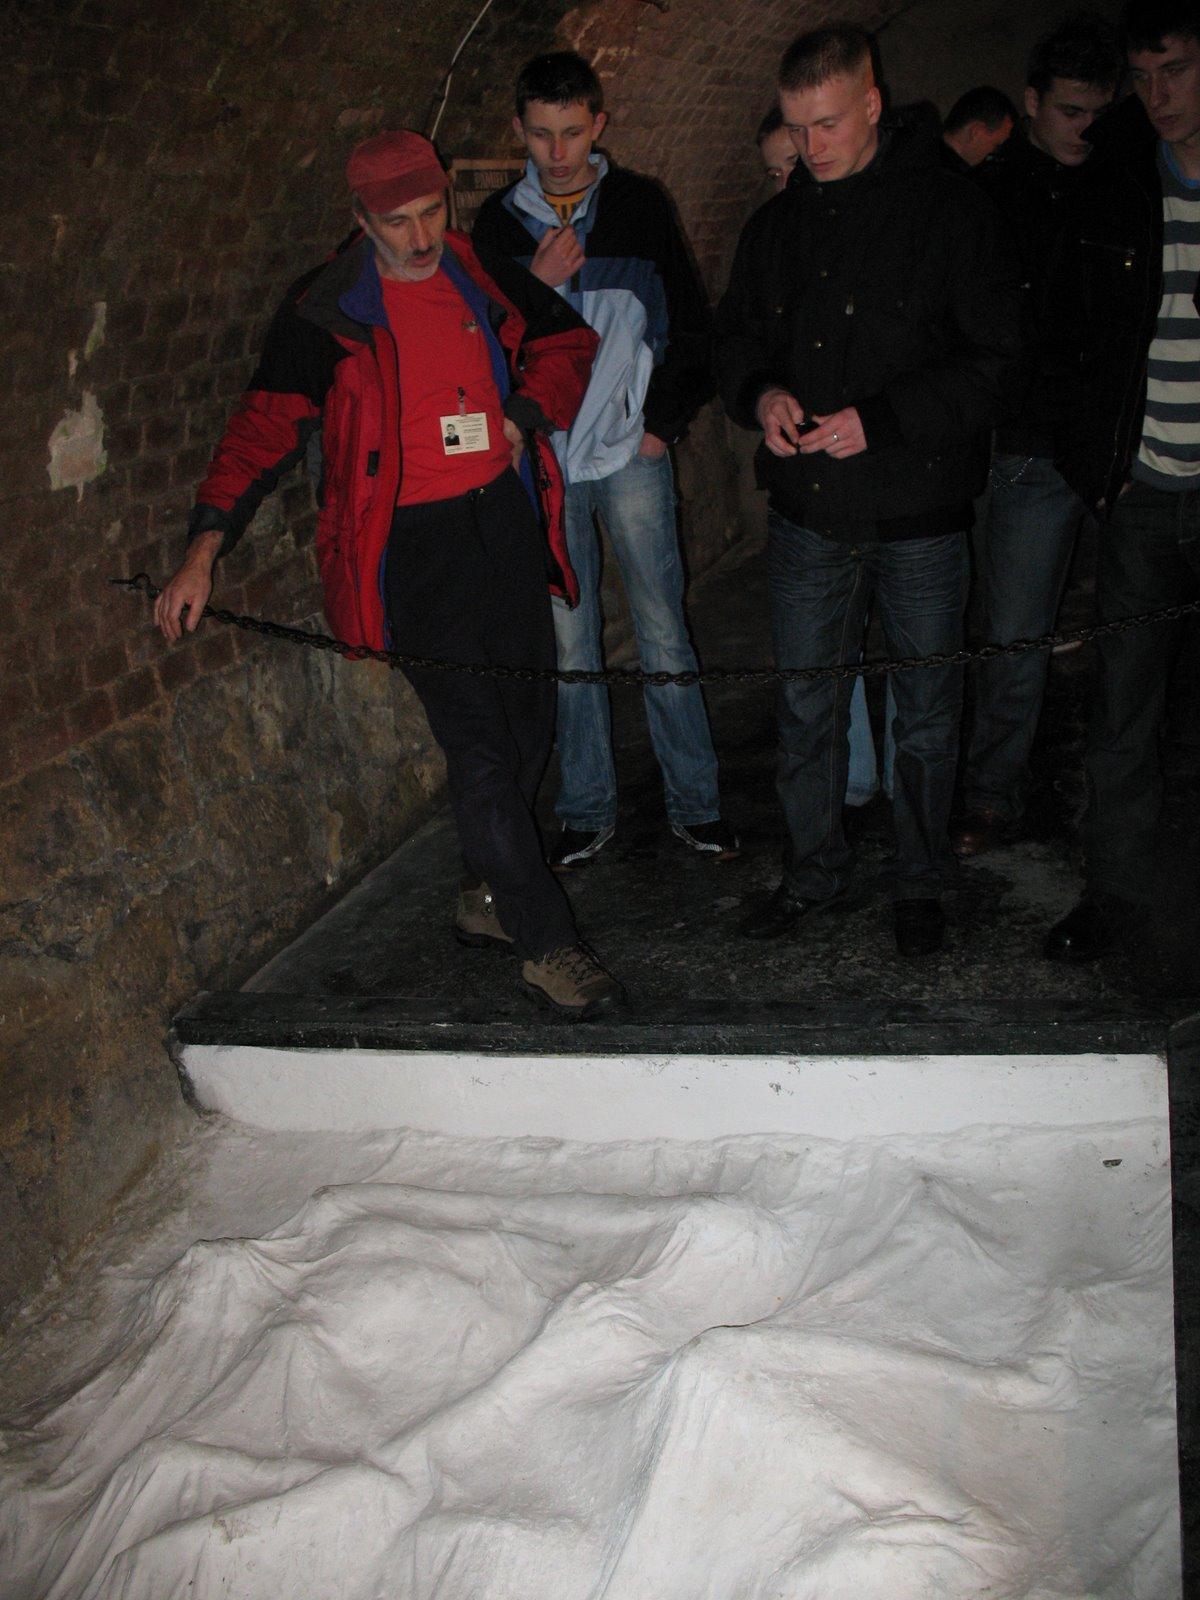 Photo: Twierdza kłodzka - mauzoleum ofiar II wojny światowej. W czasie II wojny światowej, w latach 1940-1943 twierdza była filią obozu Gross-Rosen, umieszczano w niej jeńców wojennych, dezerterów z armii niemieckiej oraz podejrzanych o działania na szkodę Rzeszy.